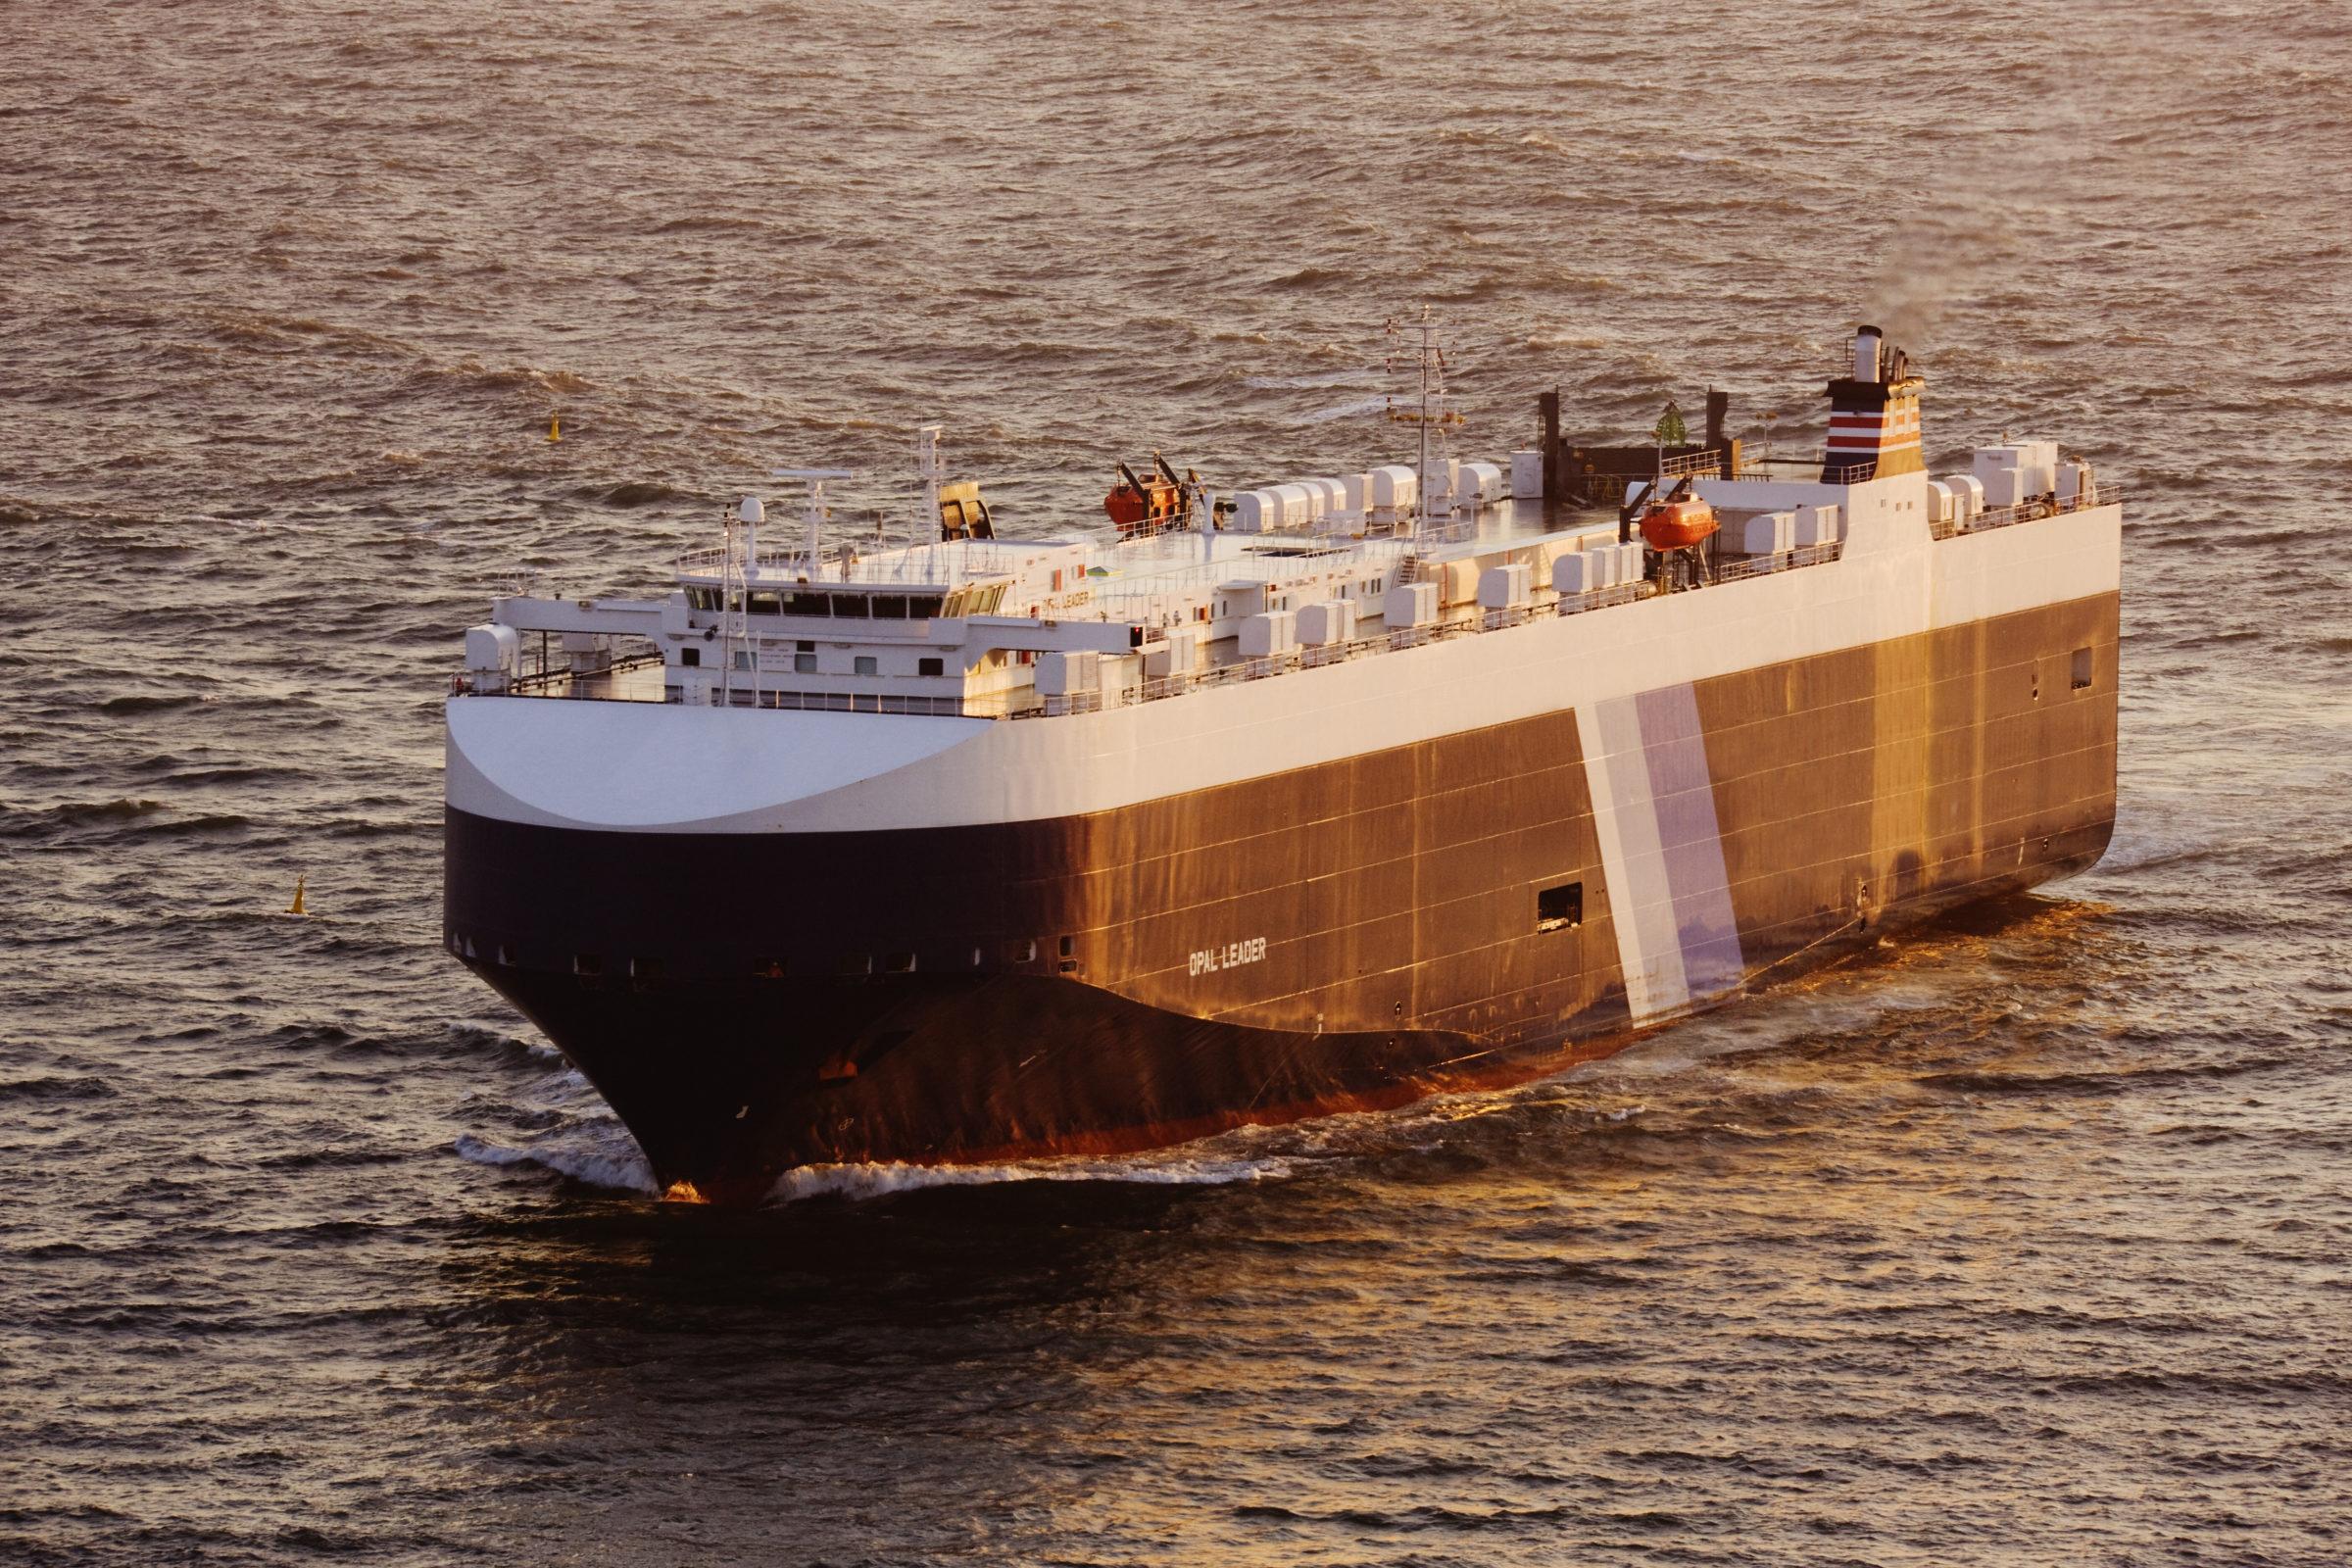 46472 car transporter ship PEVLSK4